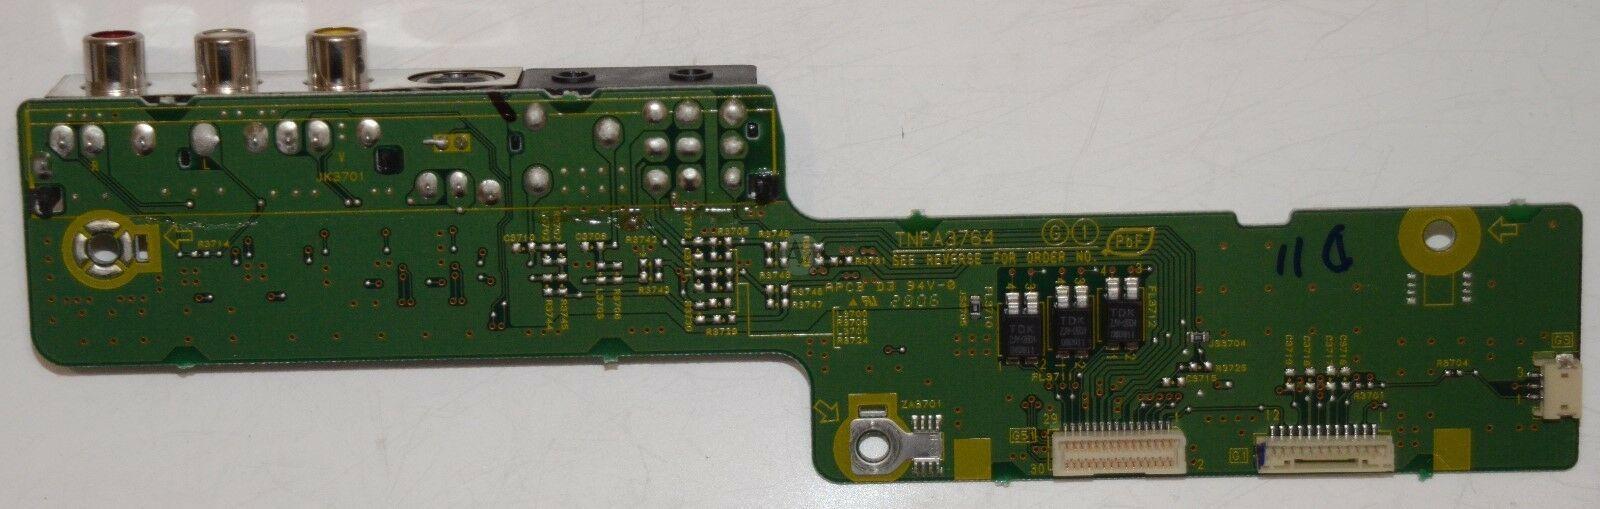 Panasonic plazma tv TNPA3764 Plasma g board